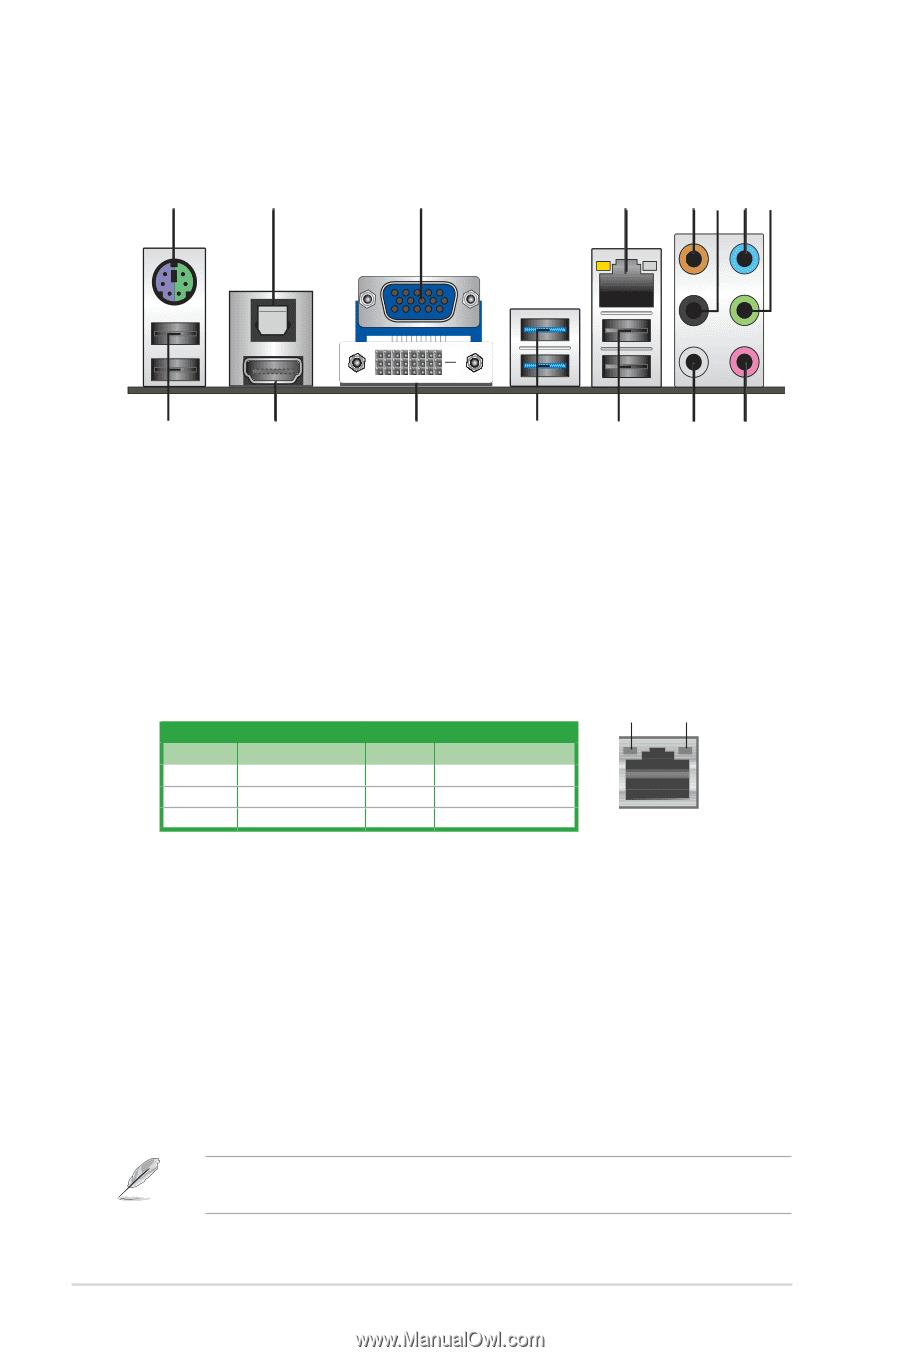 asus p8z68 v block diagram 4ede asus p8z68 v lx manual pdf wiring library  4ede asus p8z68 v lx manual pdf